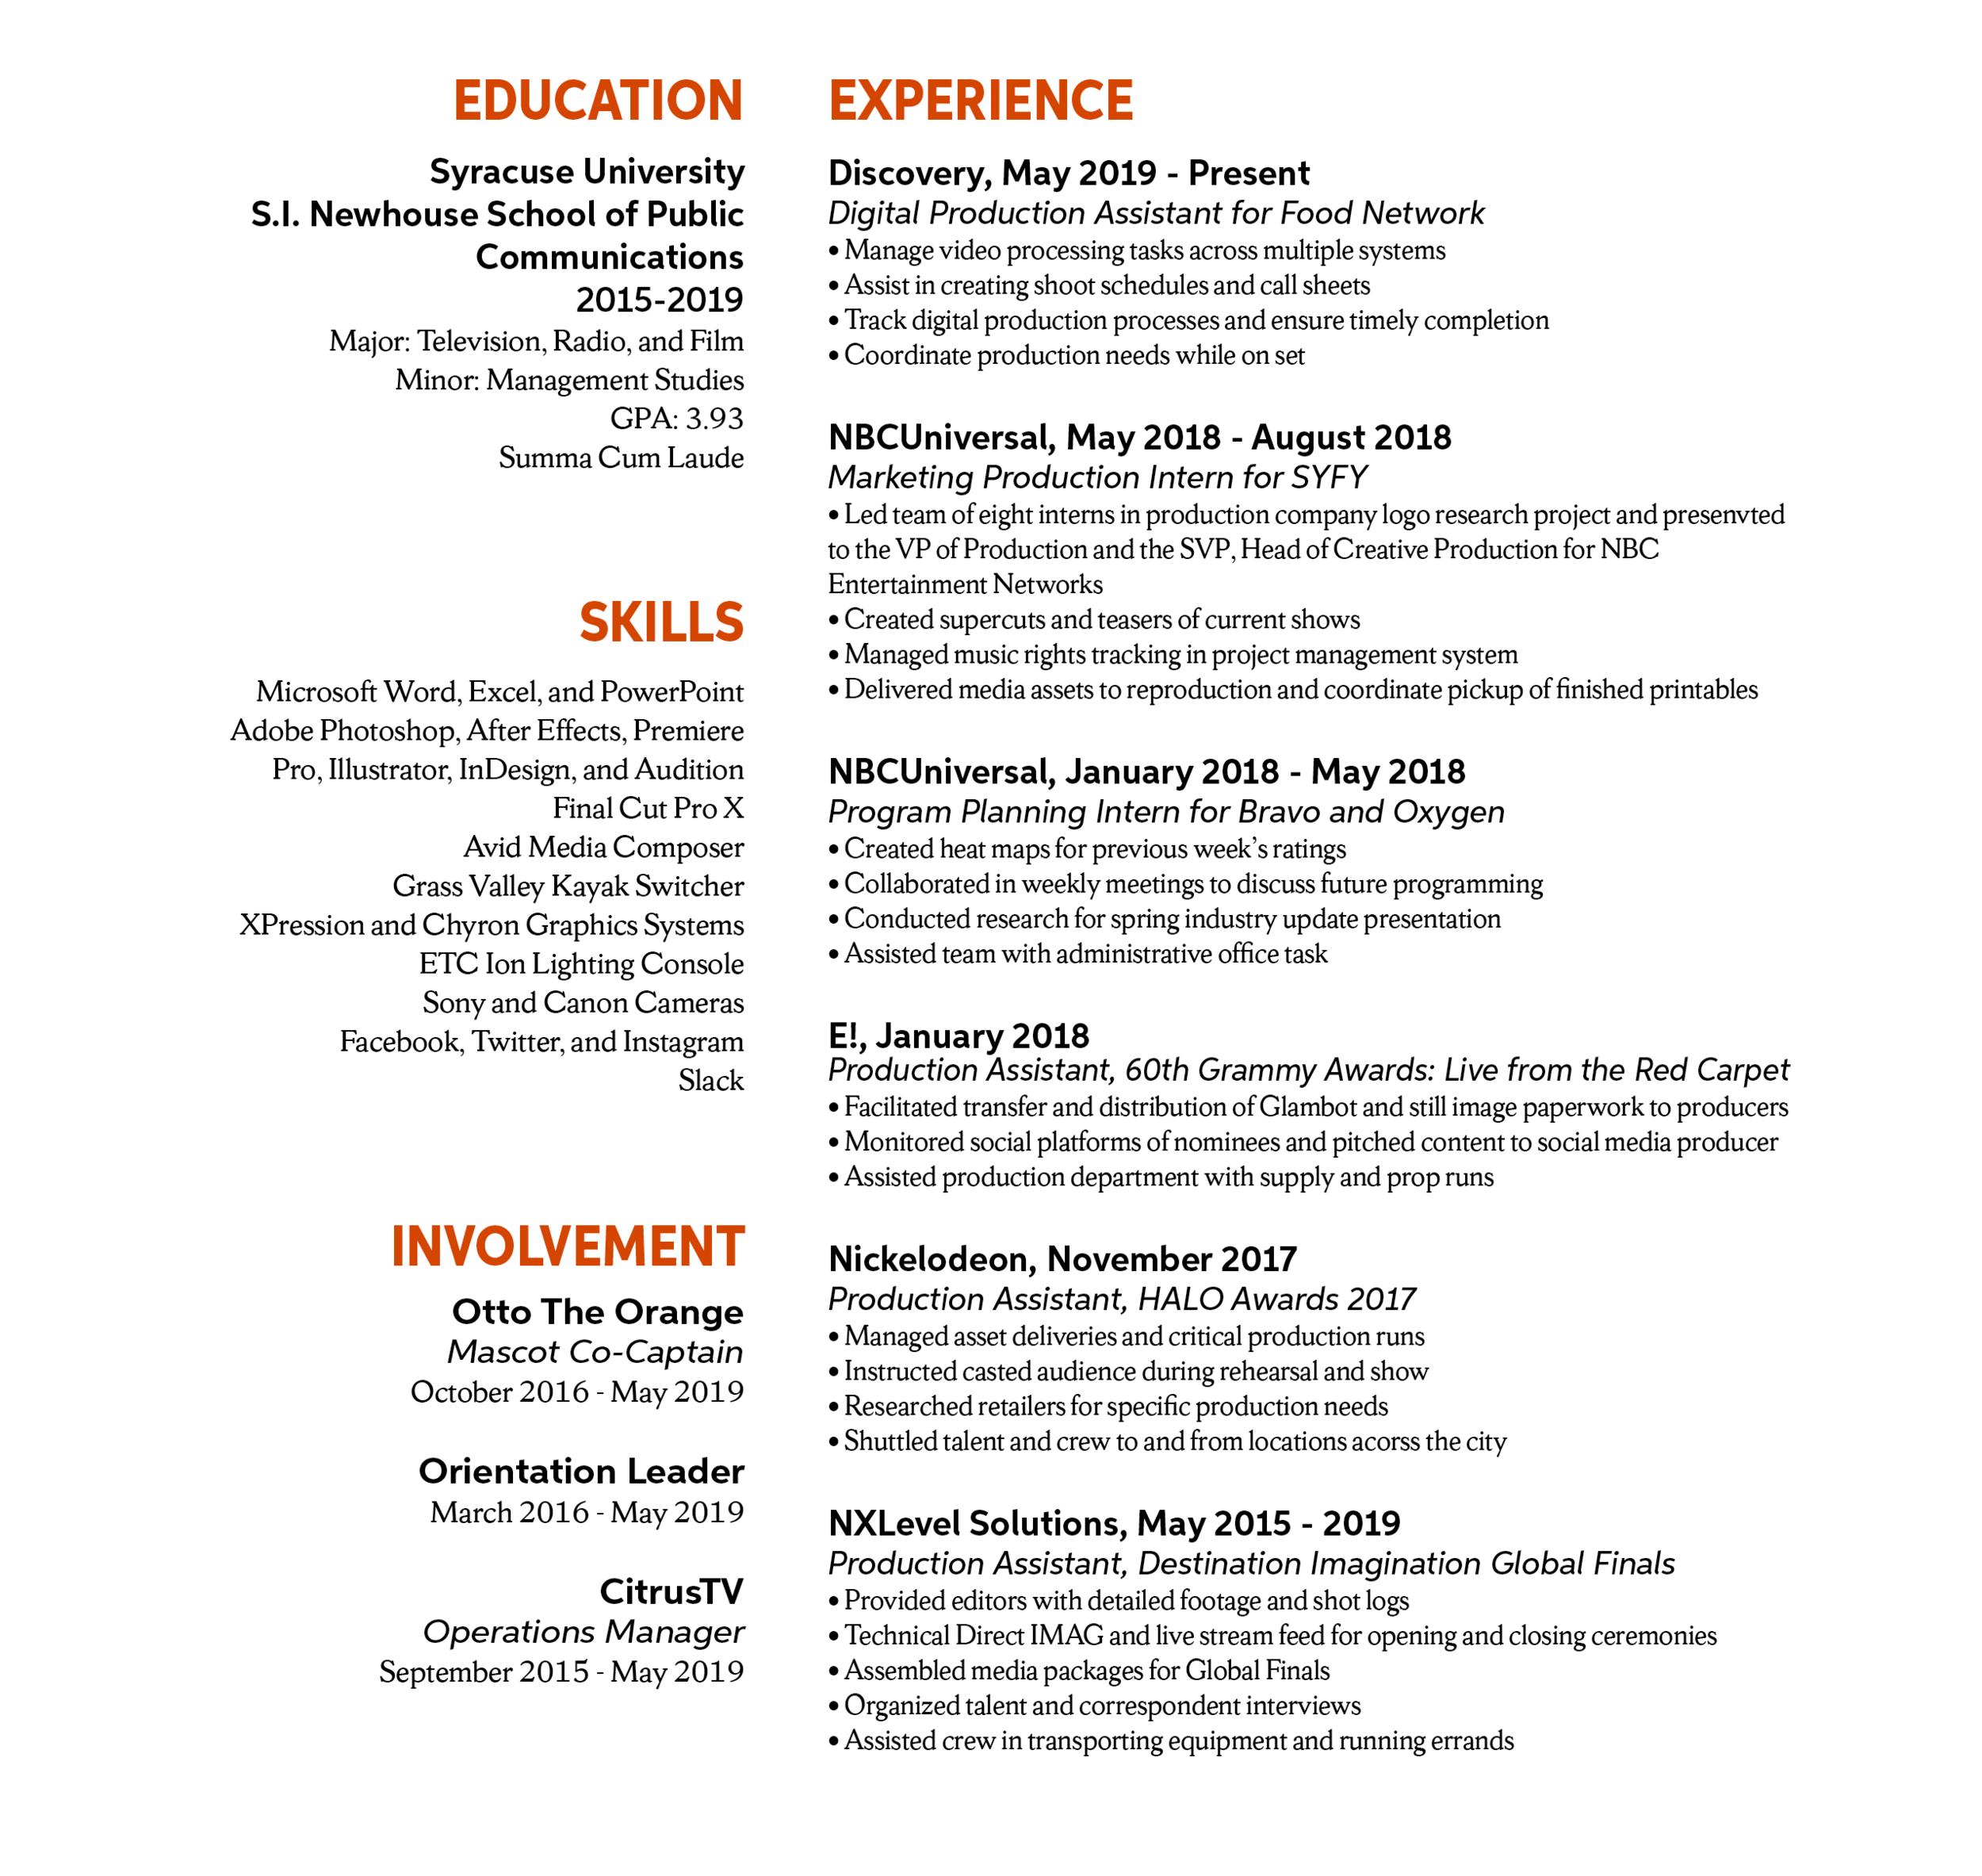 Resume — Tim Hultman